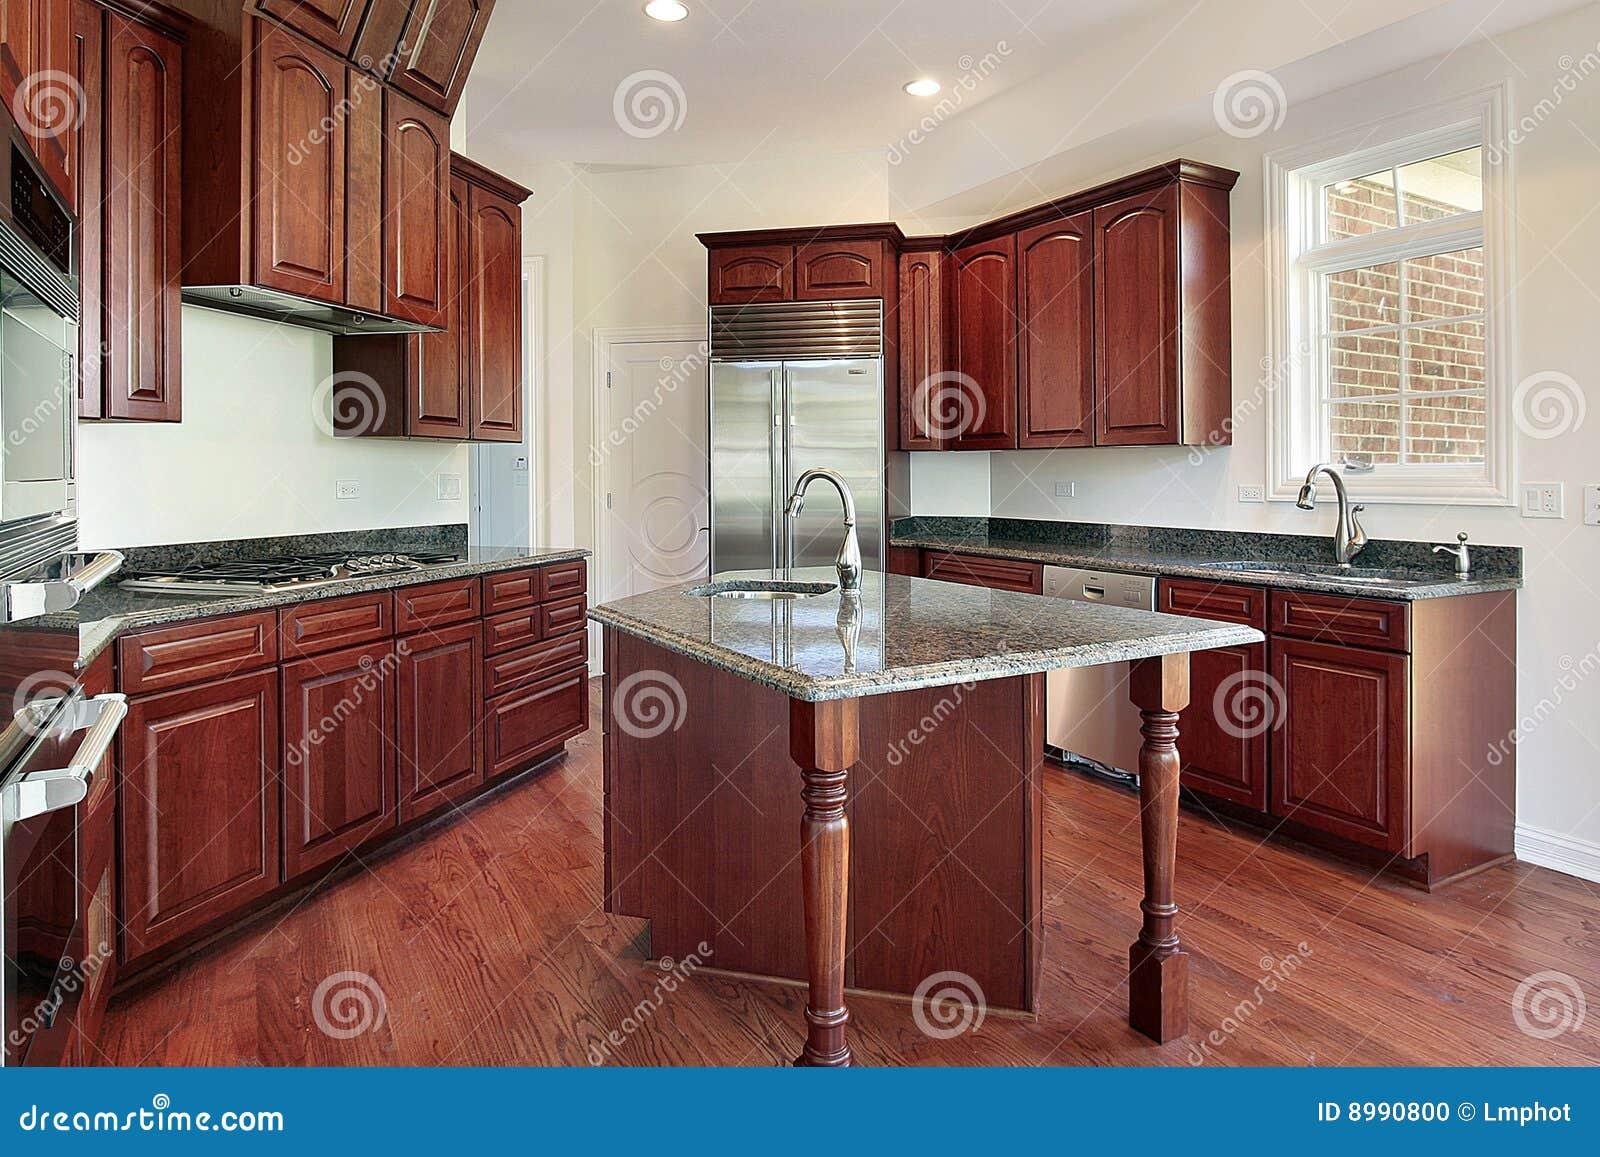 Küche im Kirschholz stockfoto. Bild von fußboden, haupt - 8990800